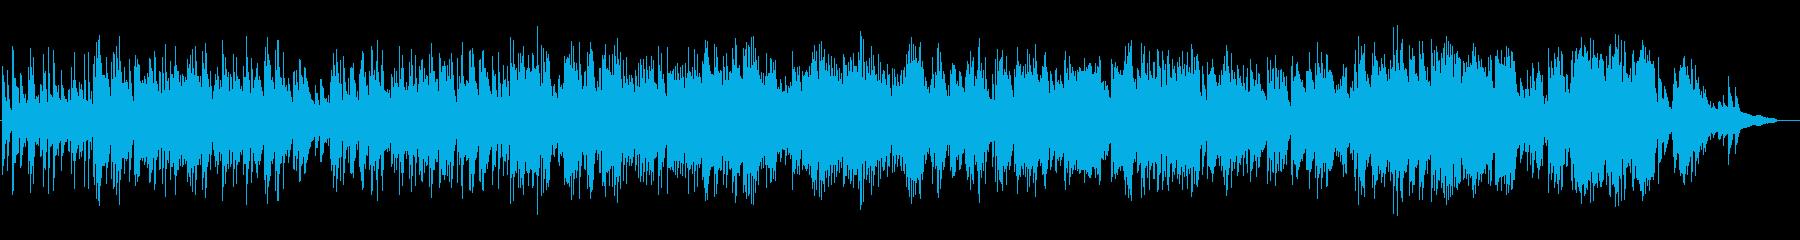 落ち着いた静かなピアノの再生済みの波形